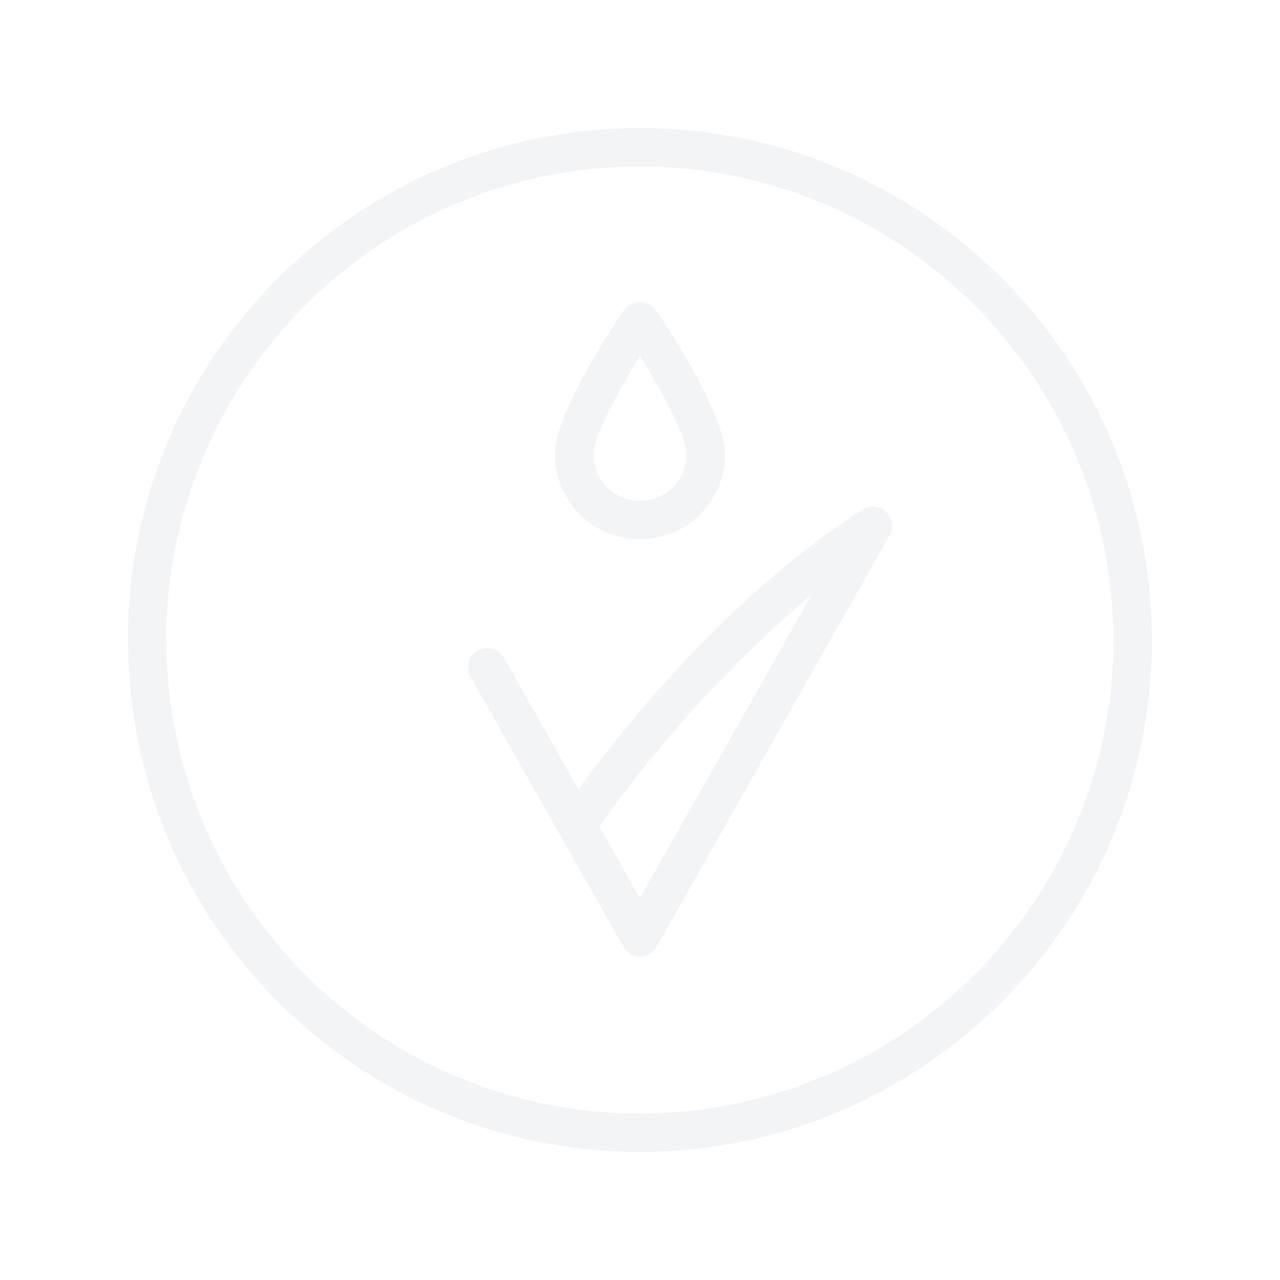 BEAUTYBLENDER Blenders Delight Gift Set